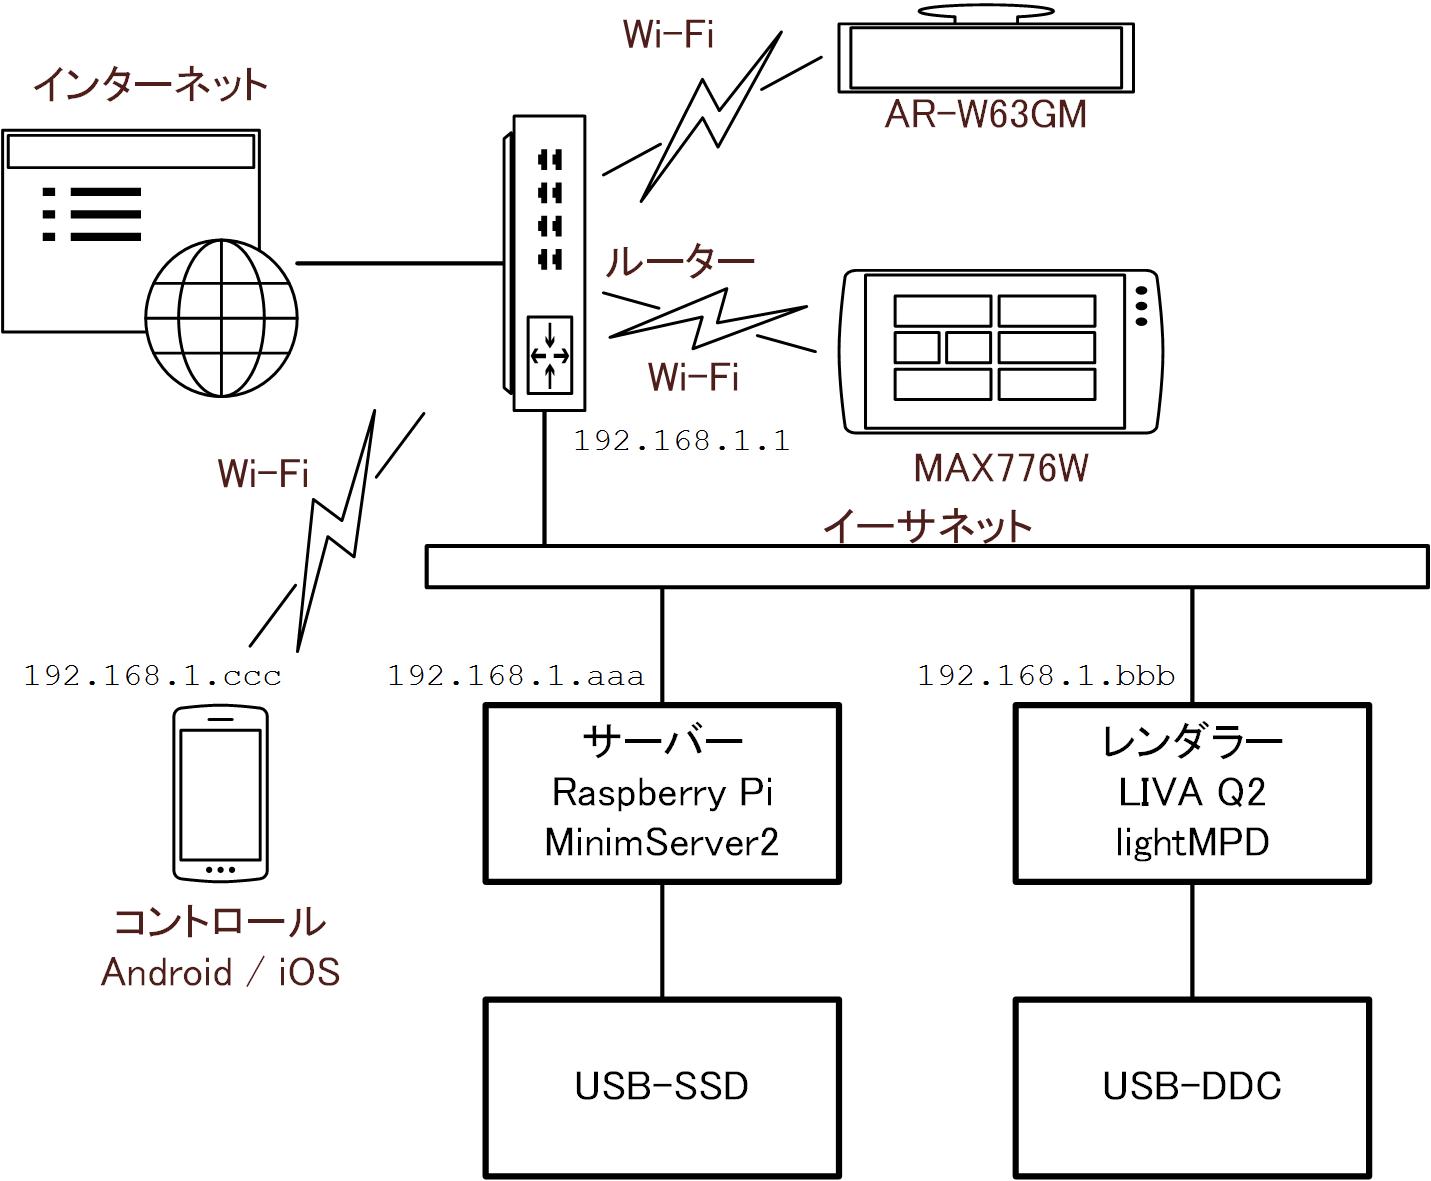 ネットワークオーディオ用ネットワークの分離